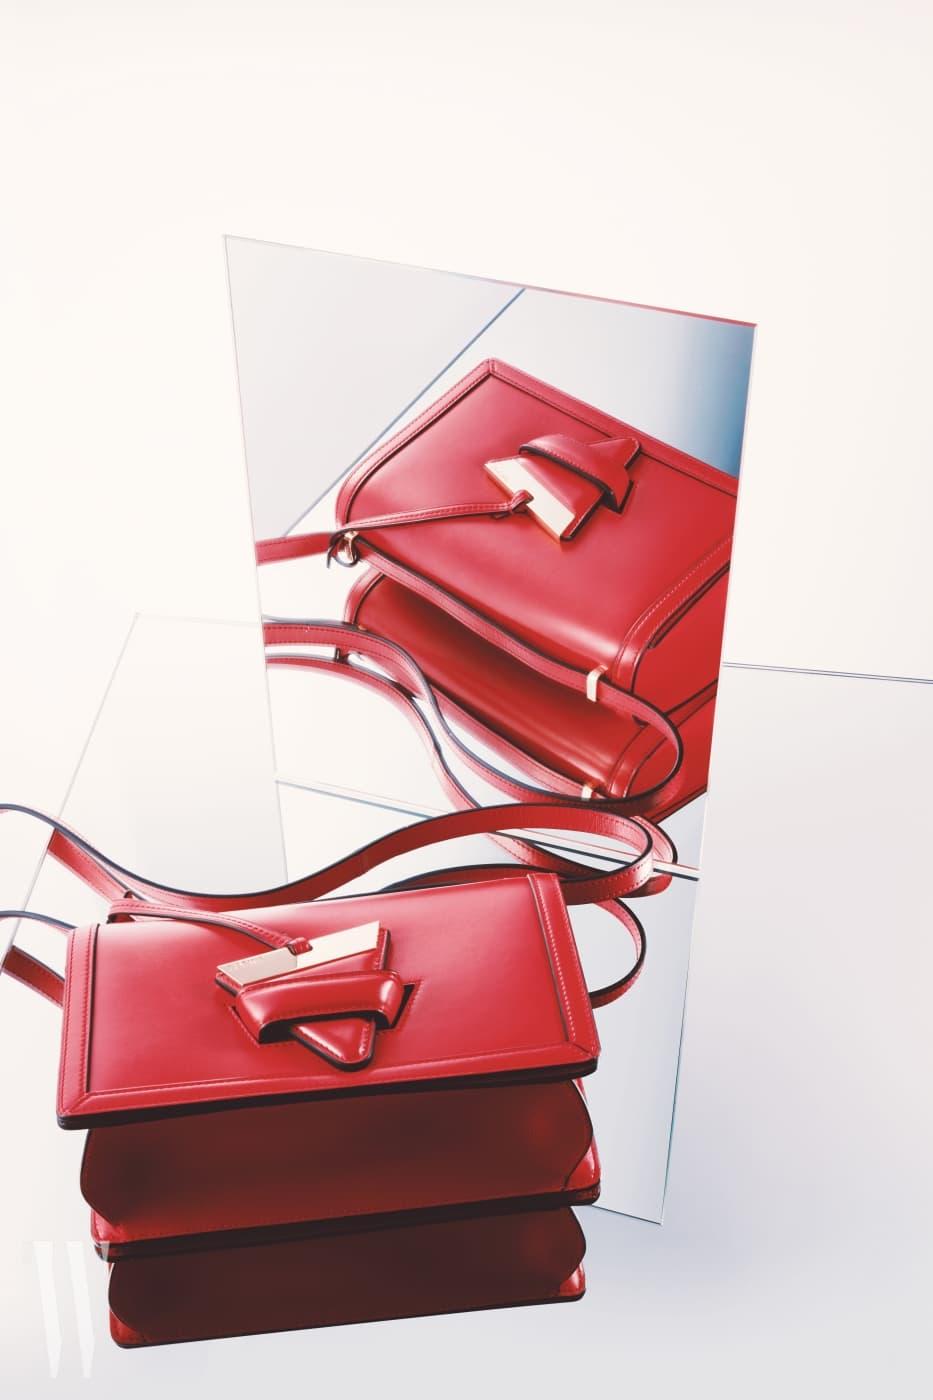 심플한 디자인에 삼각형 모양의 참 잠금장치가 재미있는 백은 로에베 제품. 가격 3백20만원.